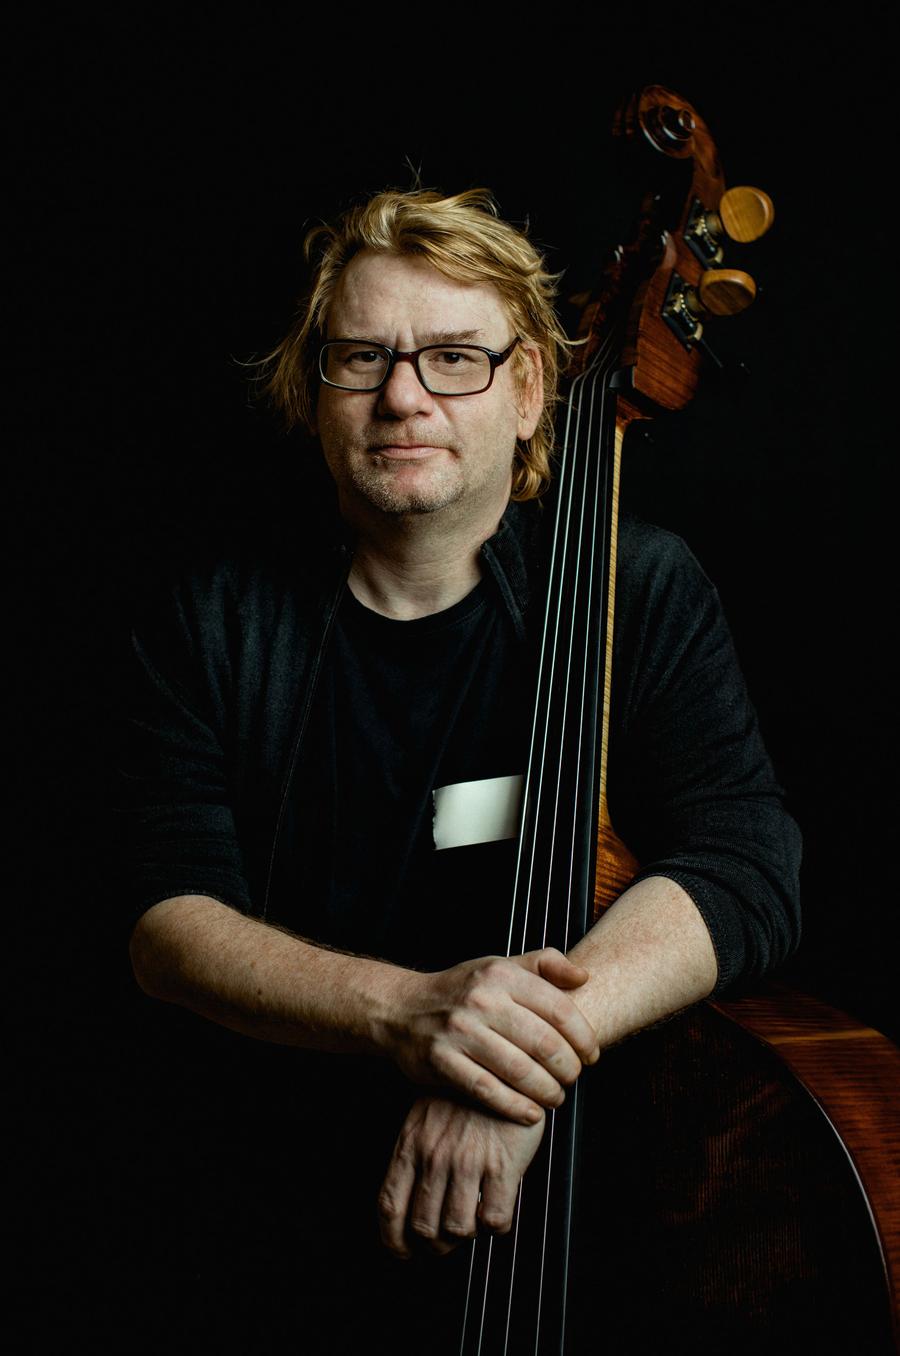 Markus Kraler